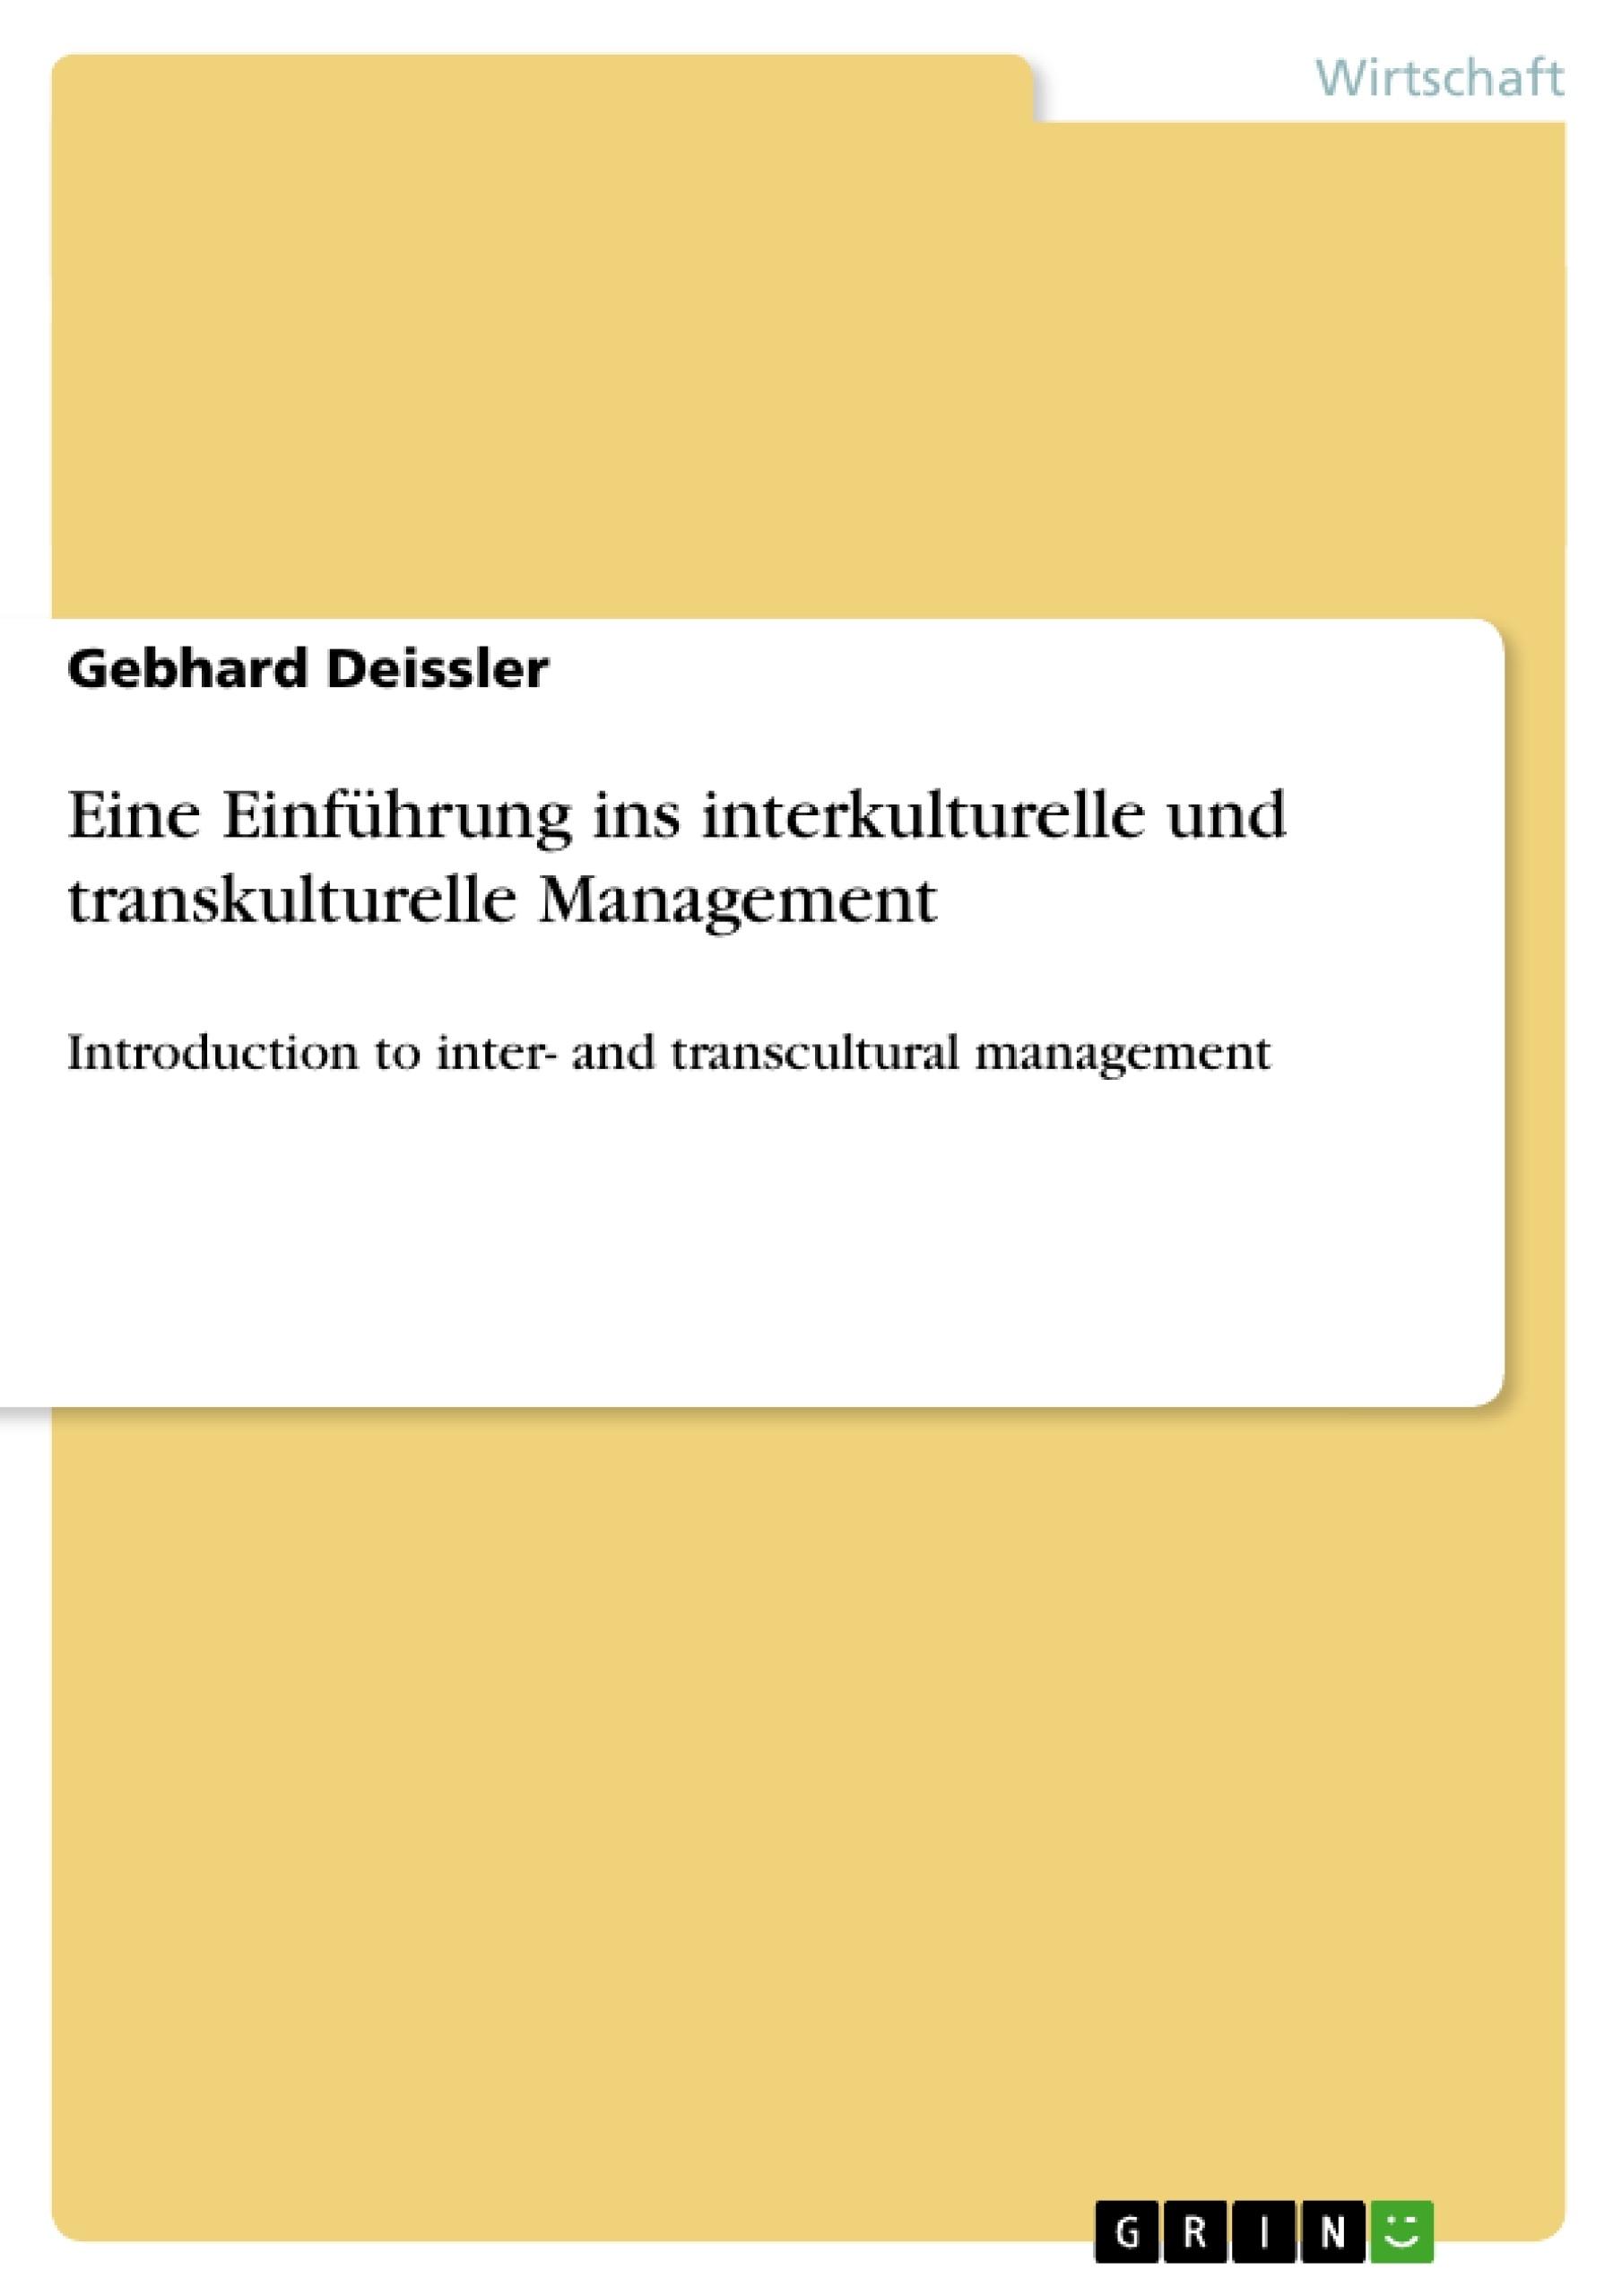 Titel: Eine Einführung ins interkulturelle und transkulturelle Management